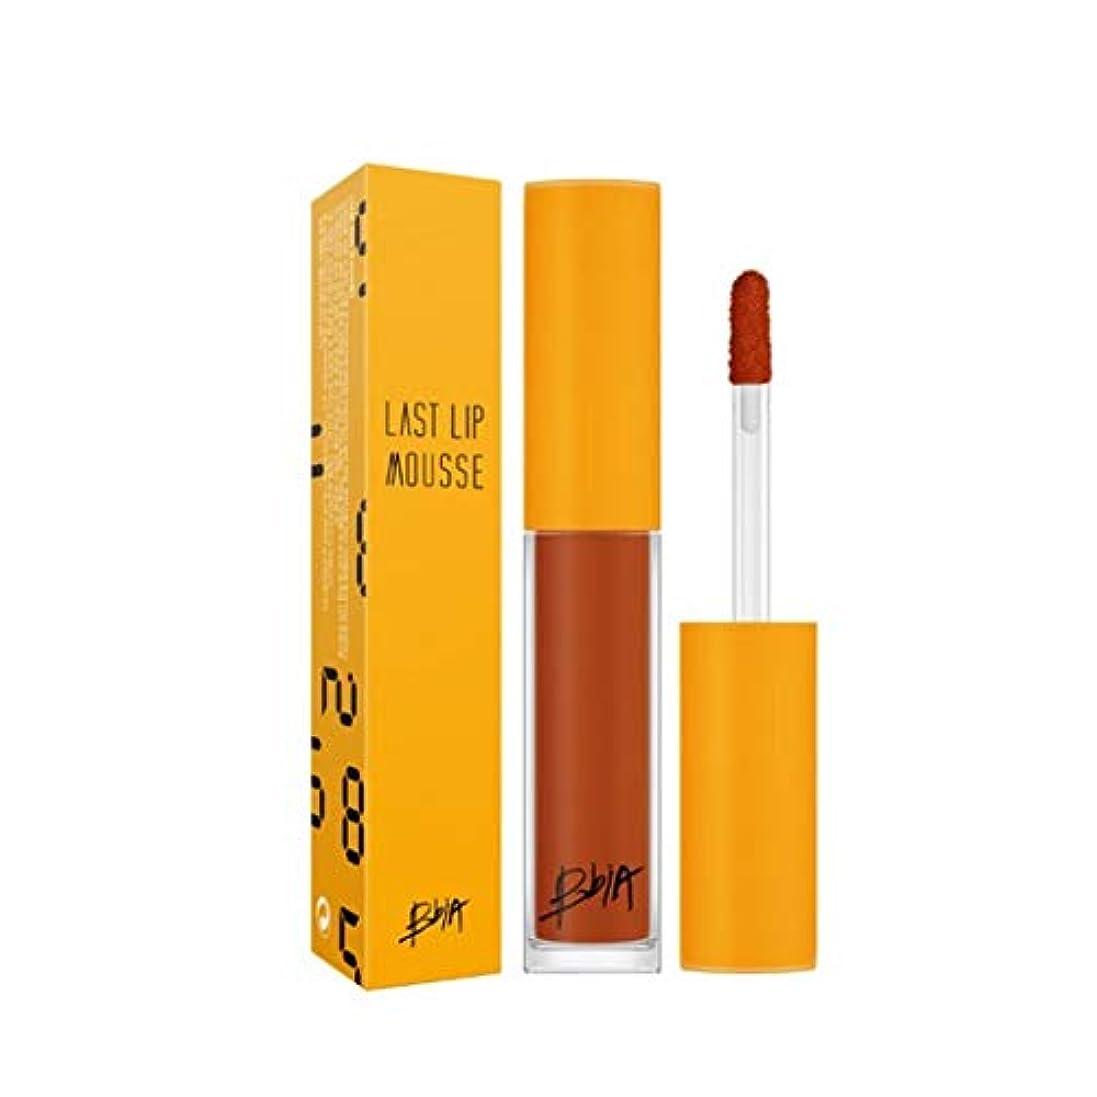 結紮明日割るピアラストリップムース 5カラー韓国コスメ、Bbia Last Lip Mousse 5 Colors Korean Cosmetics [並行輸入品] (2848 chorale)